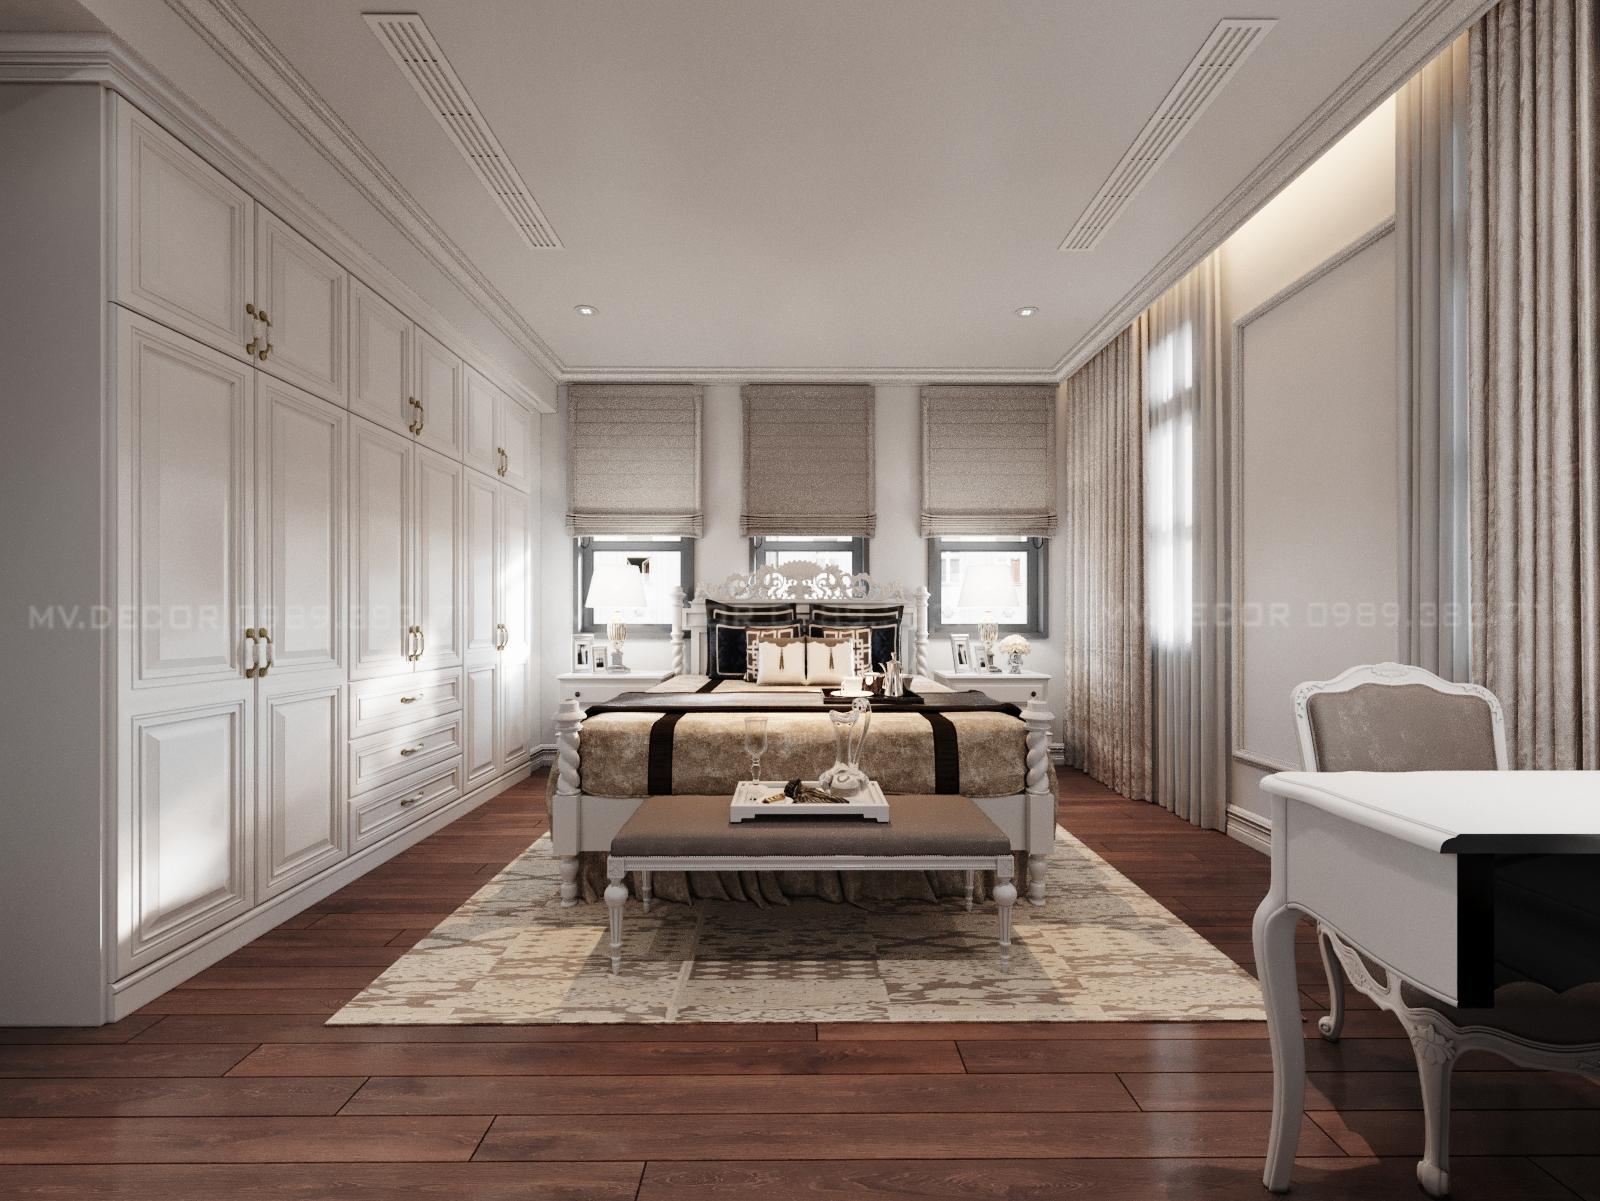 thiết kế nội thất Biệt Thự tại Hải Phòng BT VENICE 6-26 27 1564932020